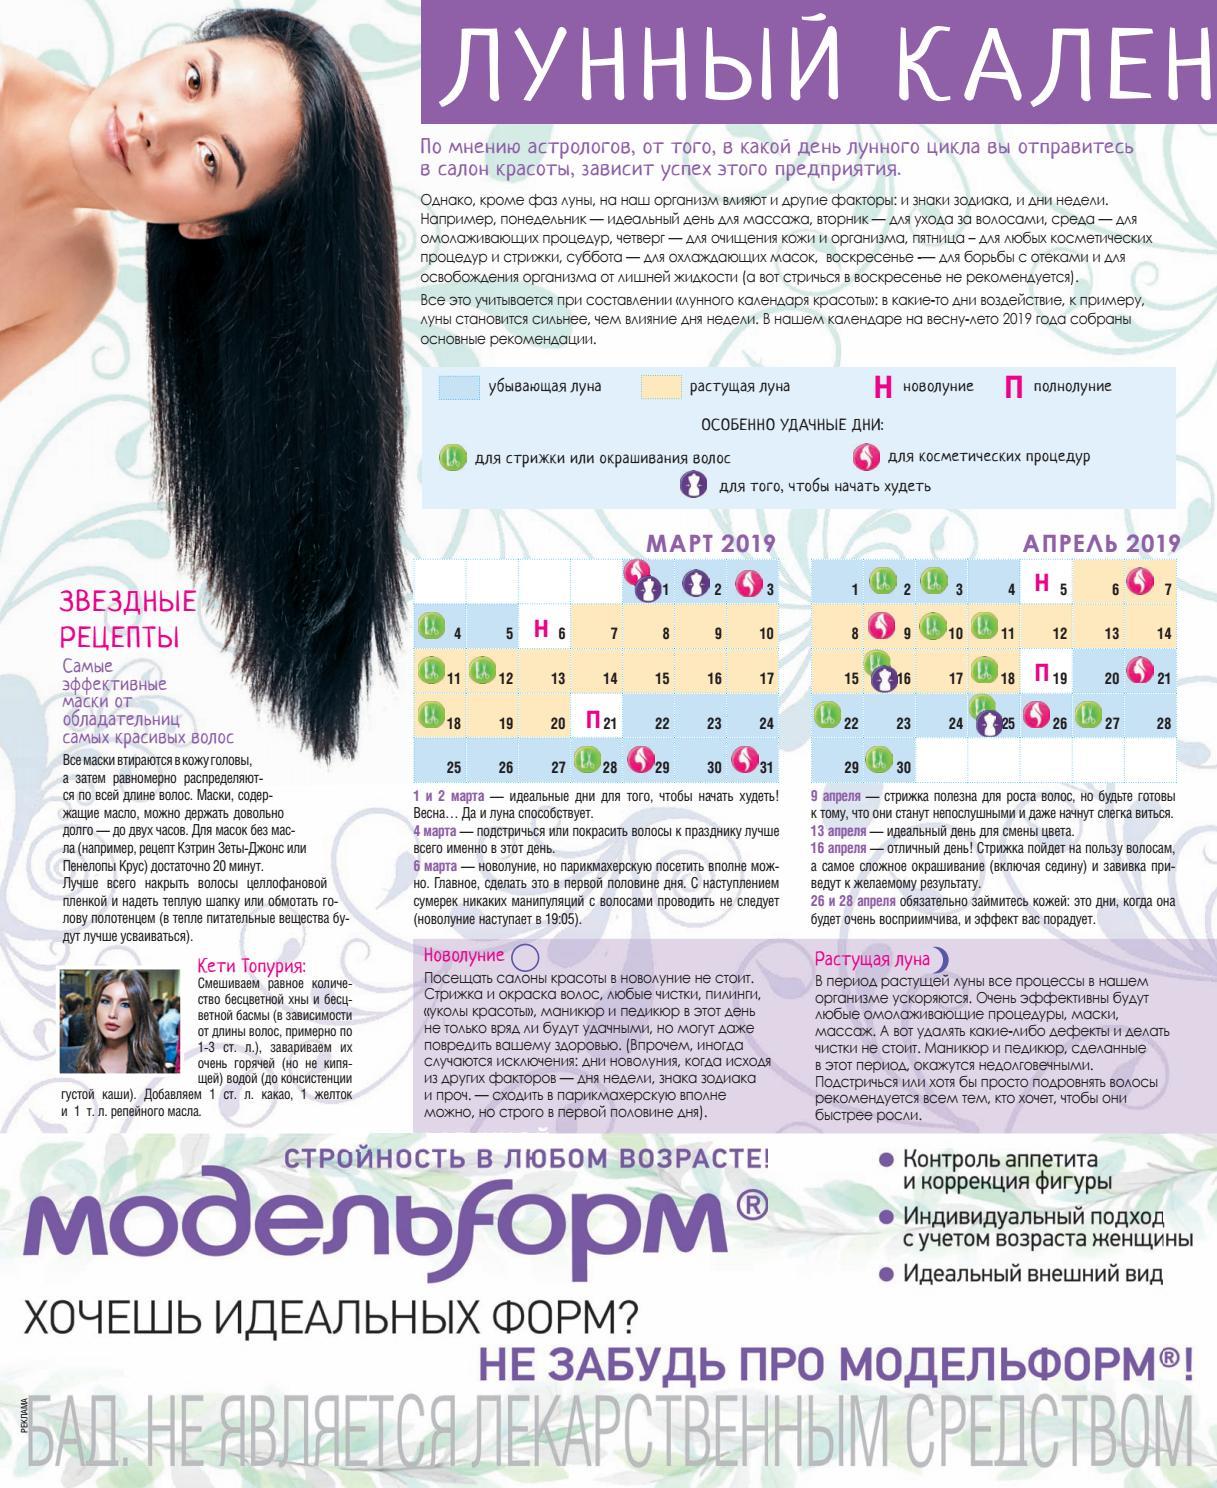 Лунный Календарь На Диету. Лунная диета для похудения: меню, правила и расписание по дням недели